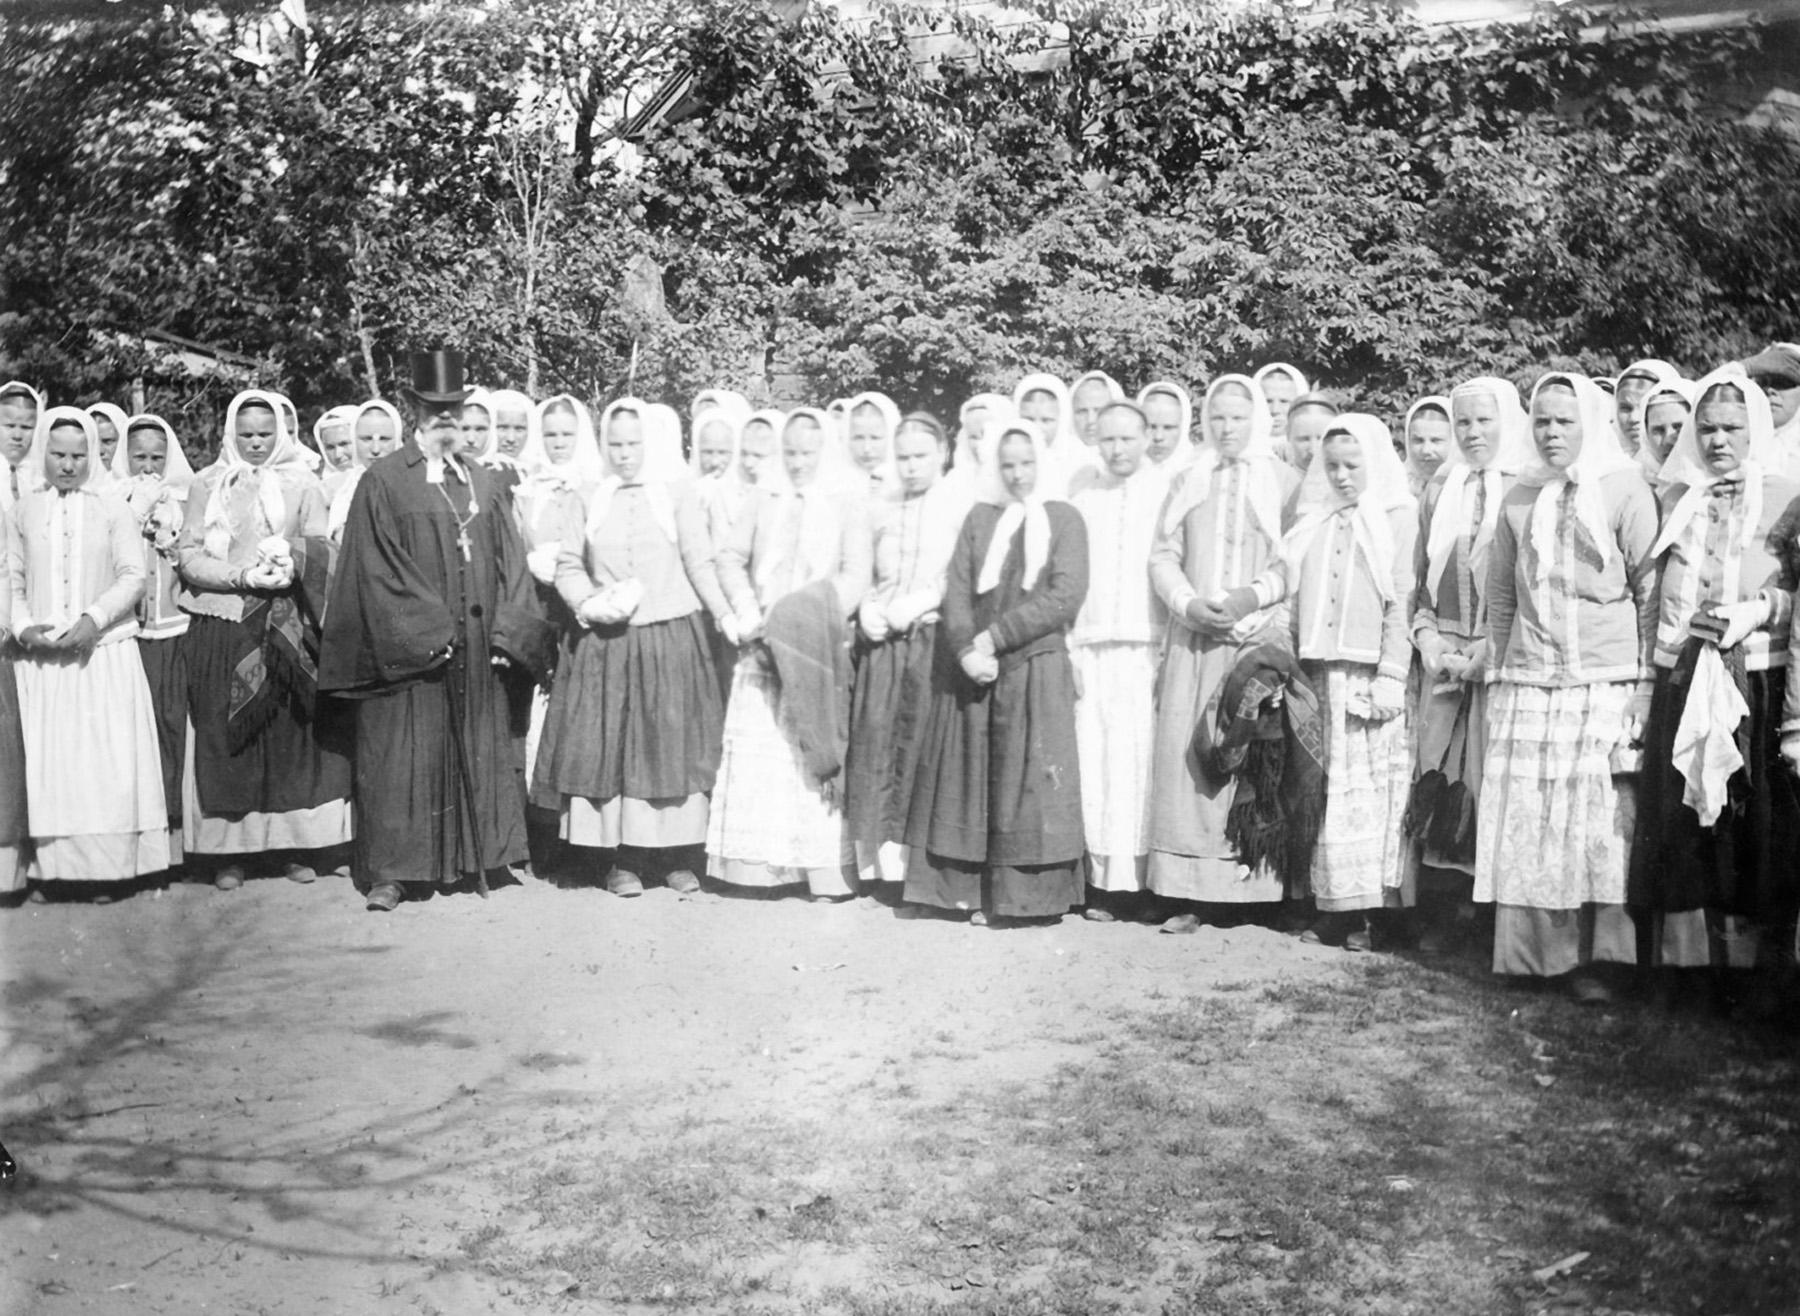 Rippikoulutyttöjä, Tuutari noin 1890–1900. Inkeriläisten sivistyssäätiön kuvakokoelma, kuva 905. CC BY 4.0